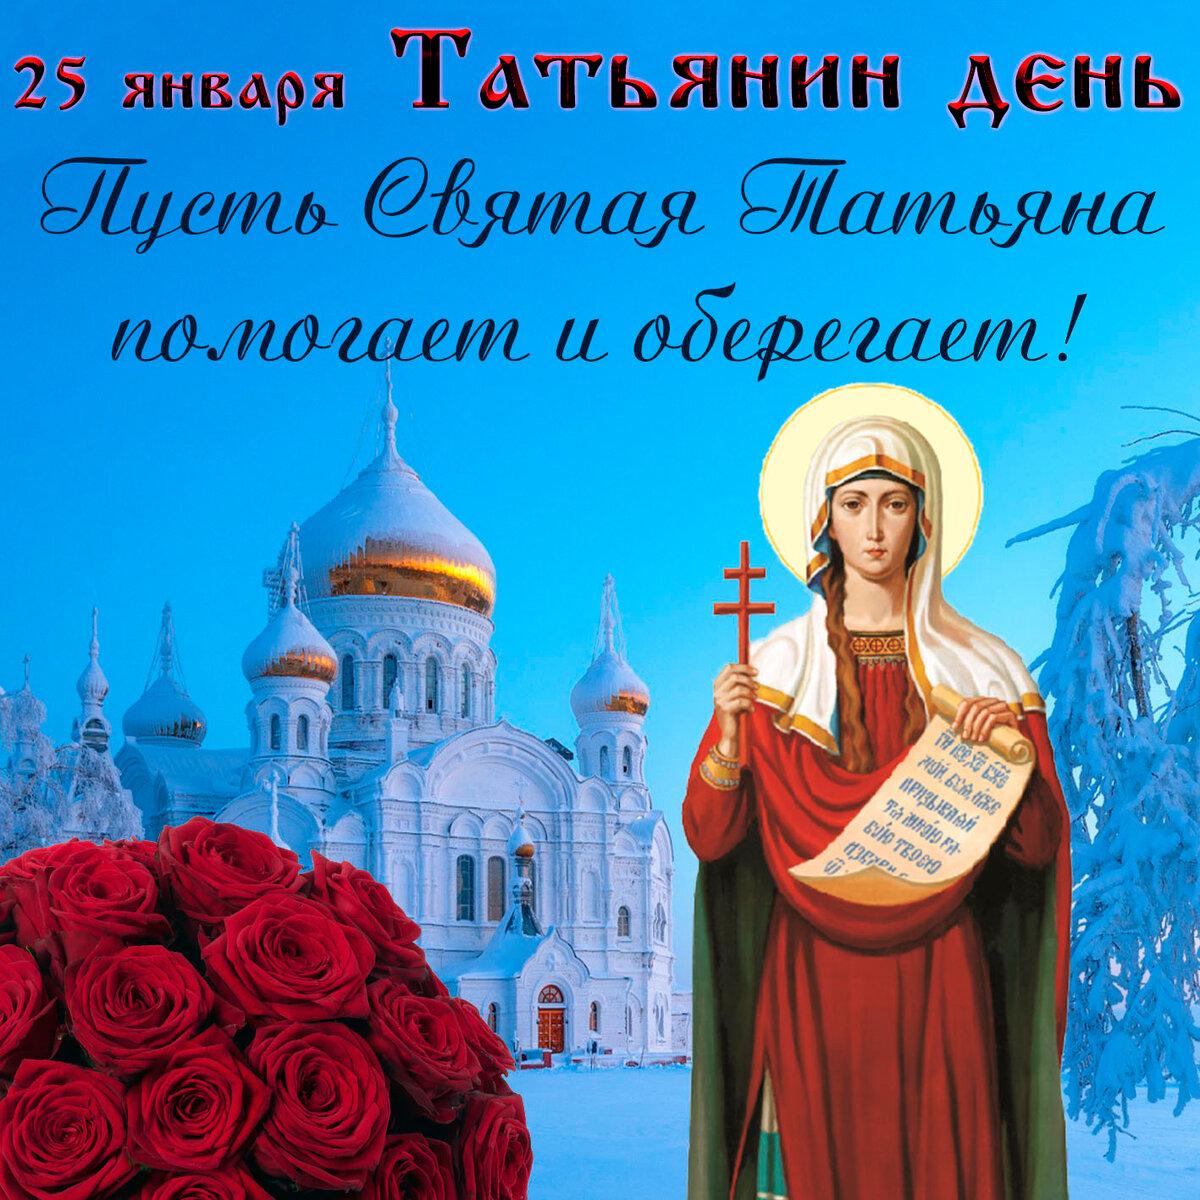 Открытки православные с днем татьяны, люди смешные